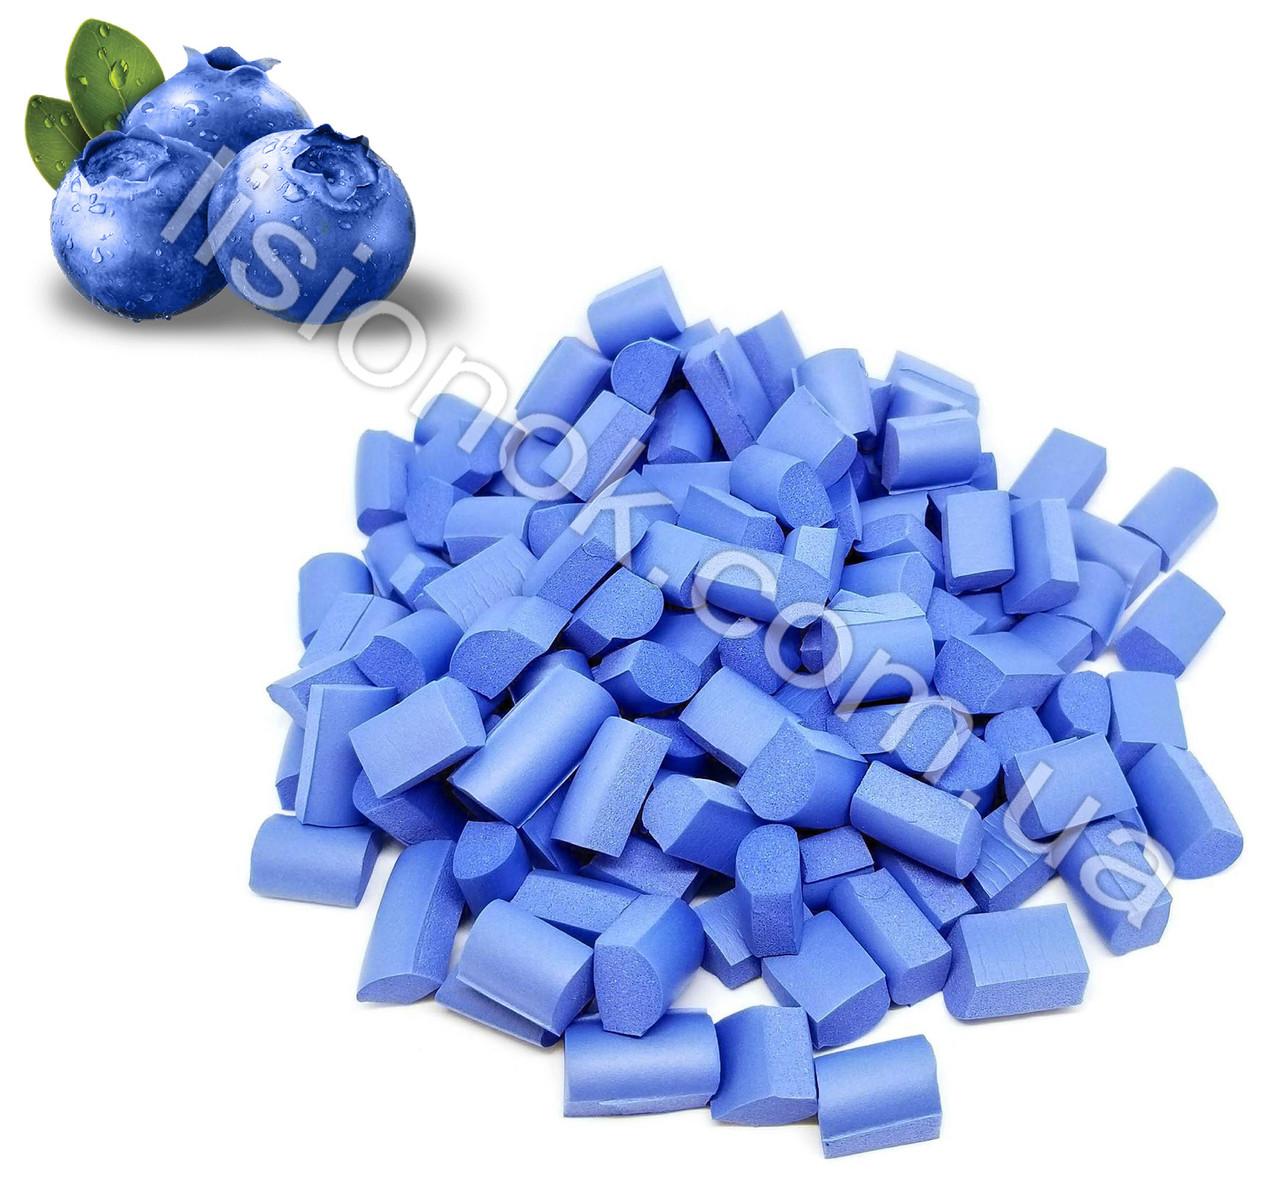 Чорничні Foam Chunks (Фоам чанкс), американські добавки для слаймів